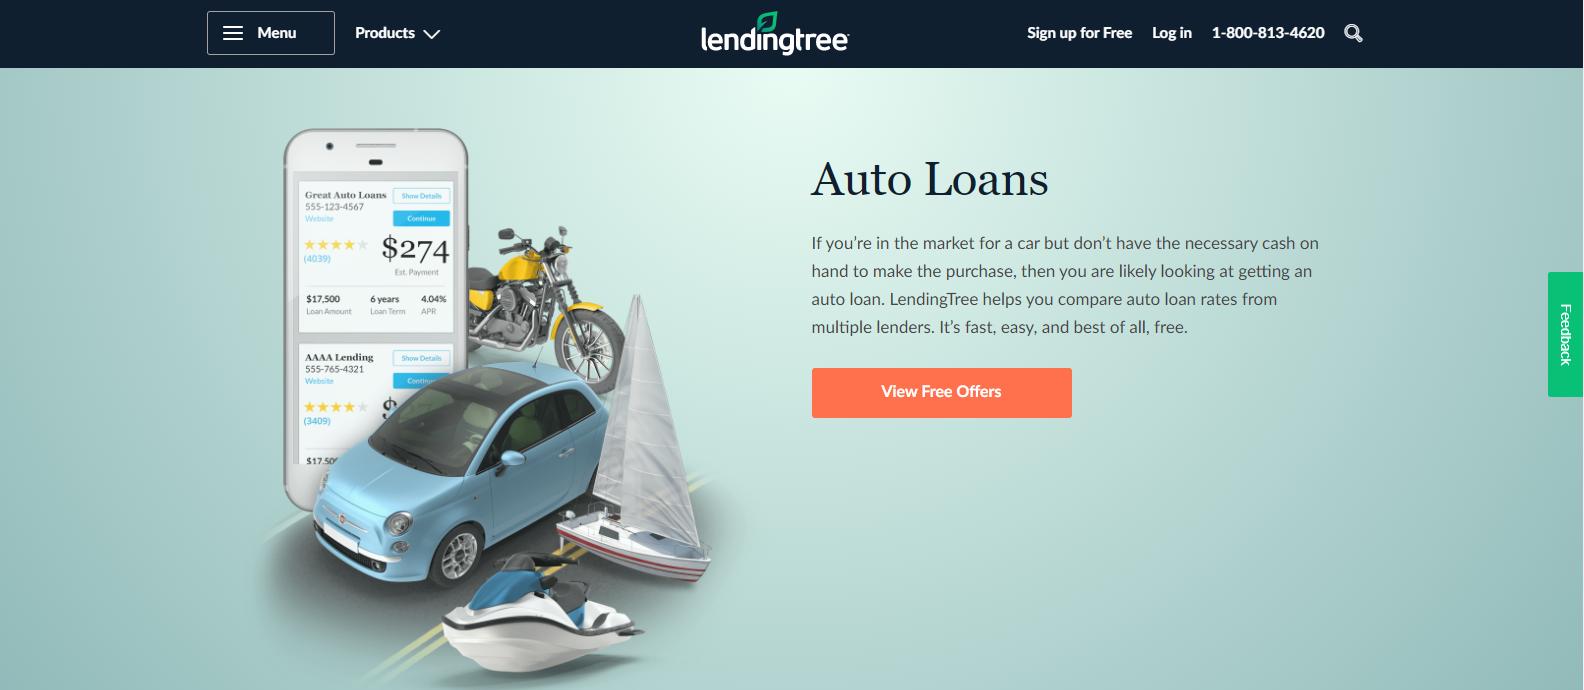 lendingtree homepage